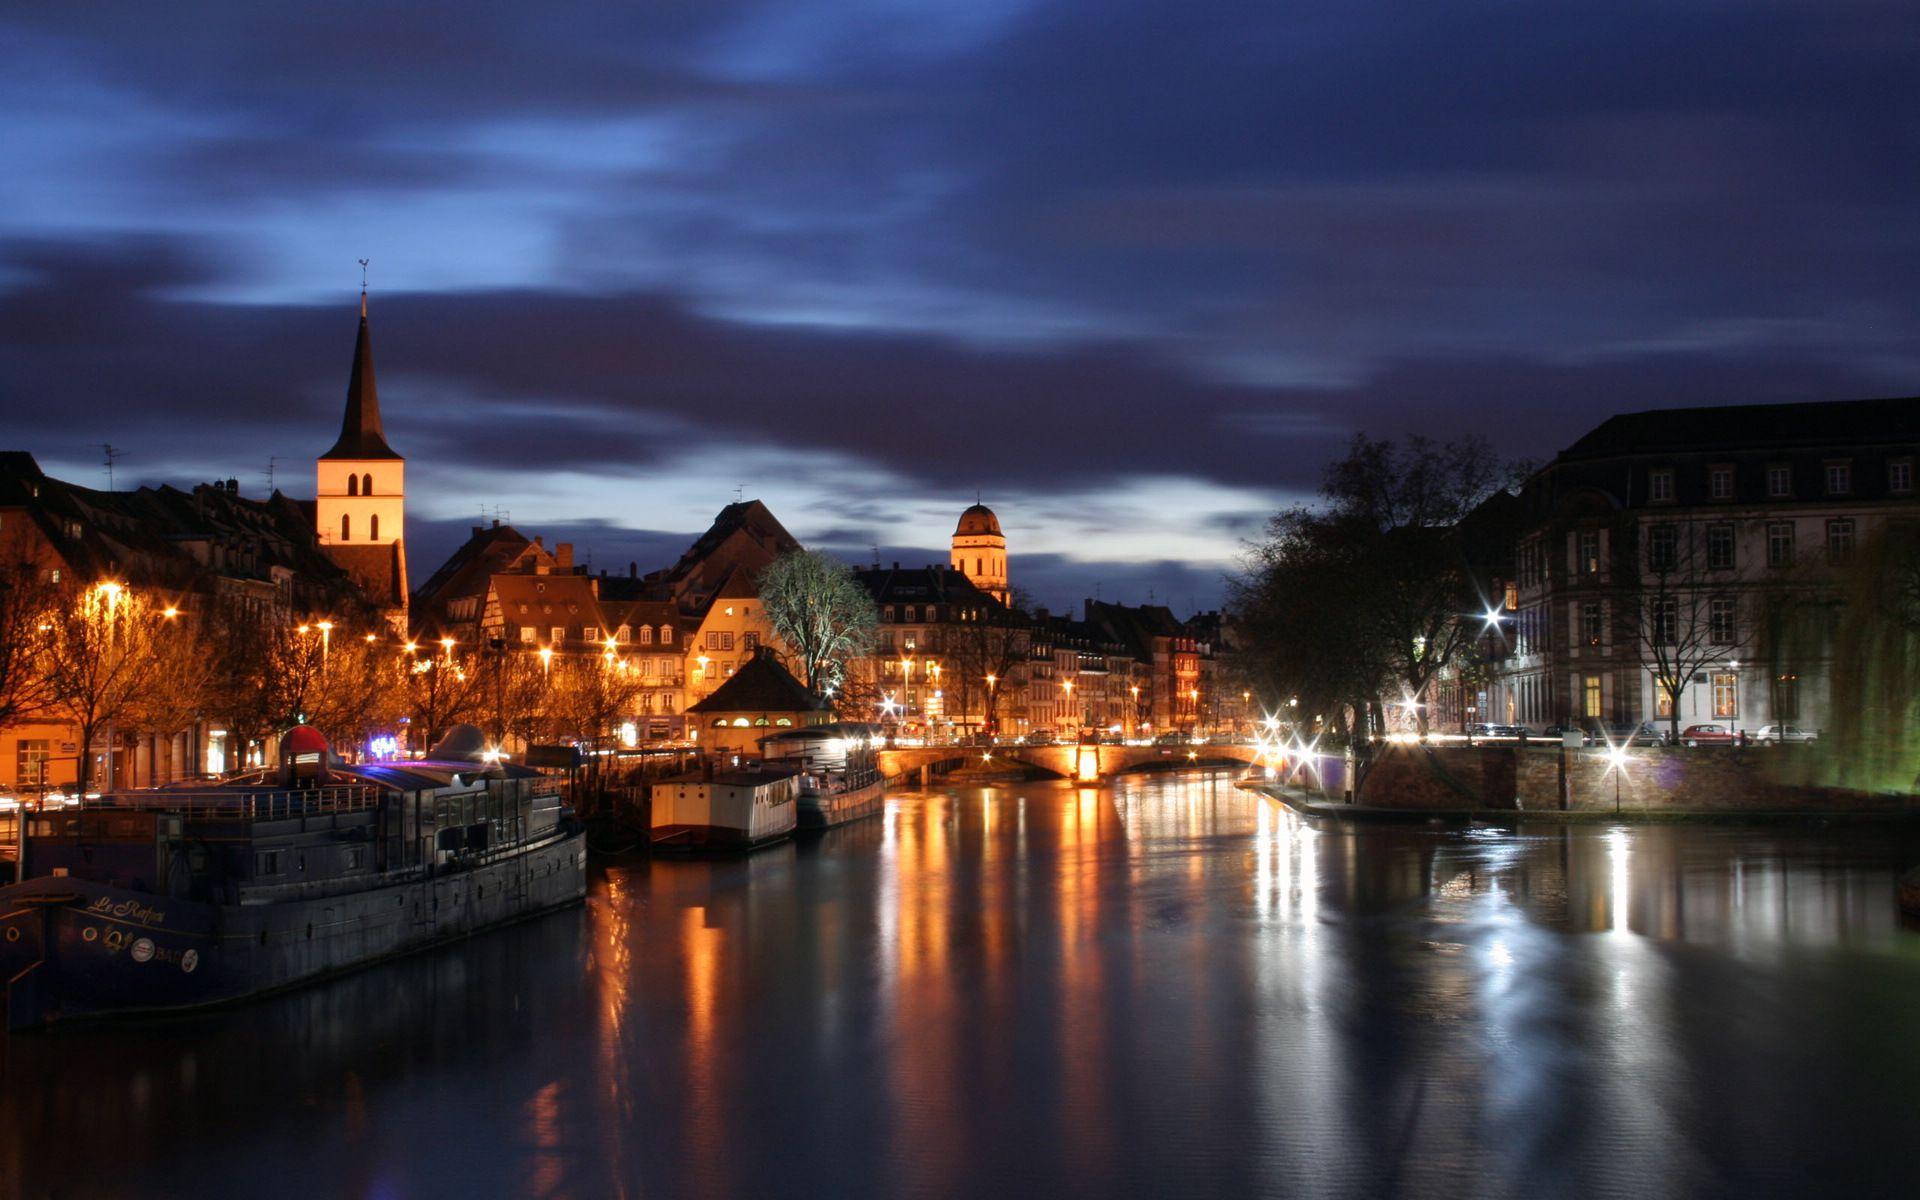 阿姆斯特丹ppt背景图片下载_幻灯片模板免费下载